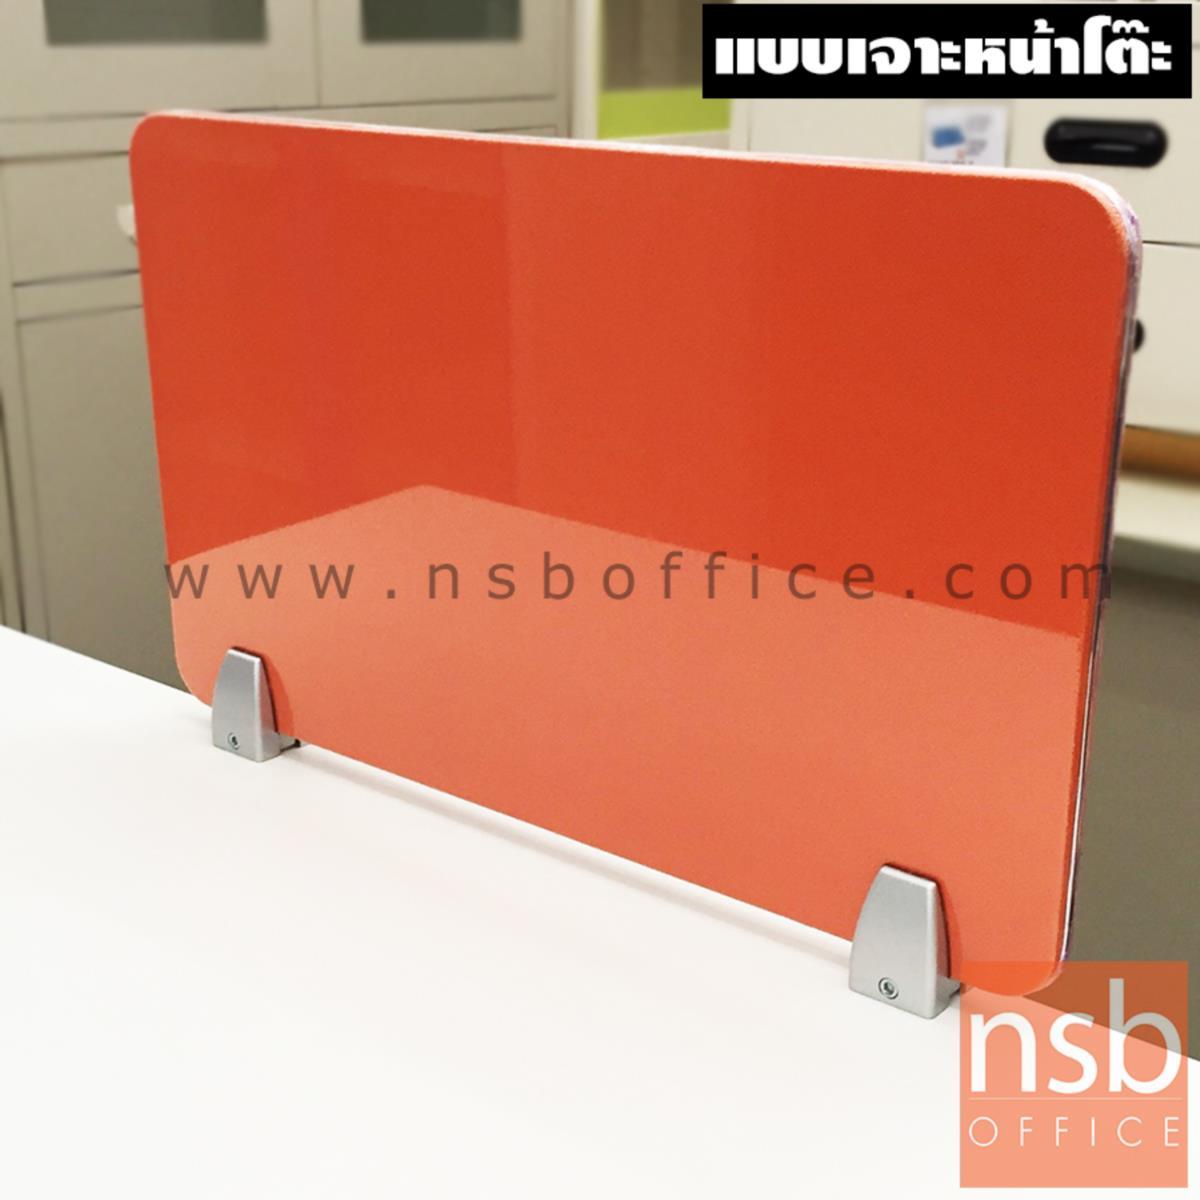 P04A029:มินิสกรีนหุ้มผ้า ตัวจับอลูมิเนียมสีเทาเมทัลลิค แบบเจาะหน้าโต๊ะ